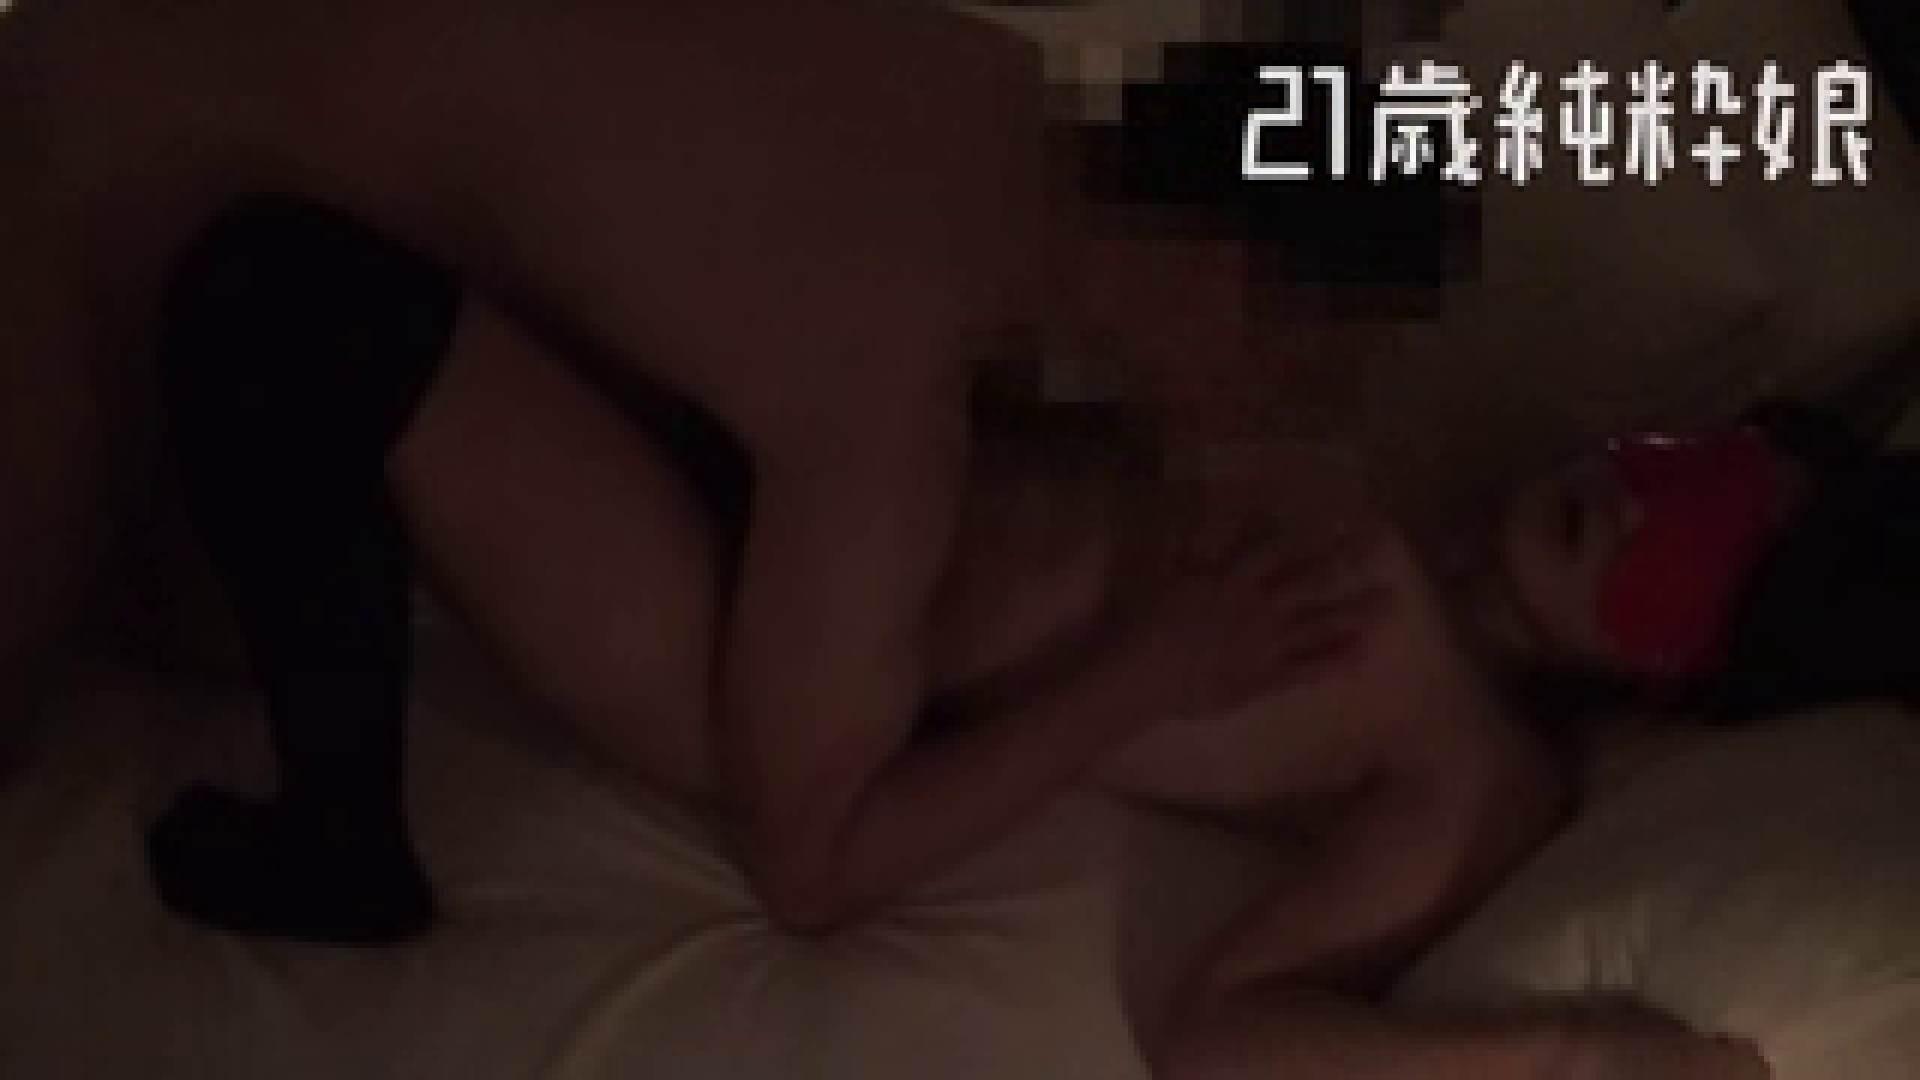 上京したばかりのGカップ21歳純粋嬢を都合の良い女にしてみた4 ホテル | ギャル達のおっぱい  96画像 57